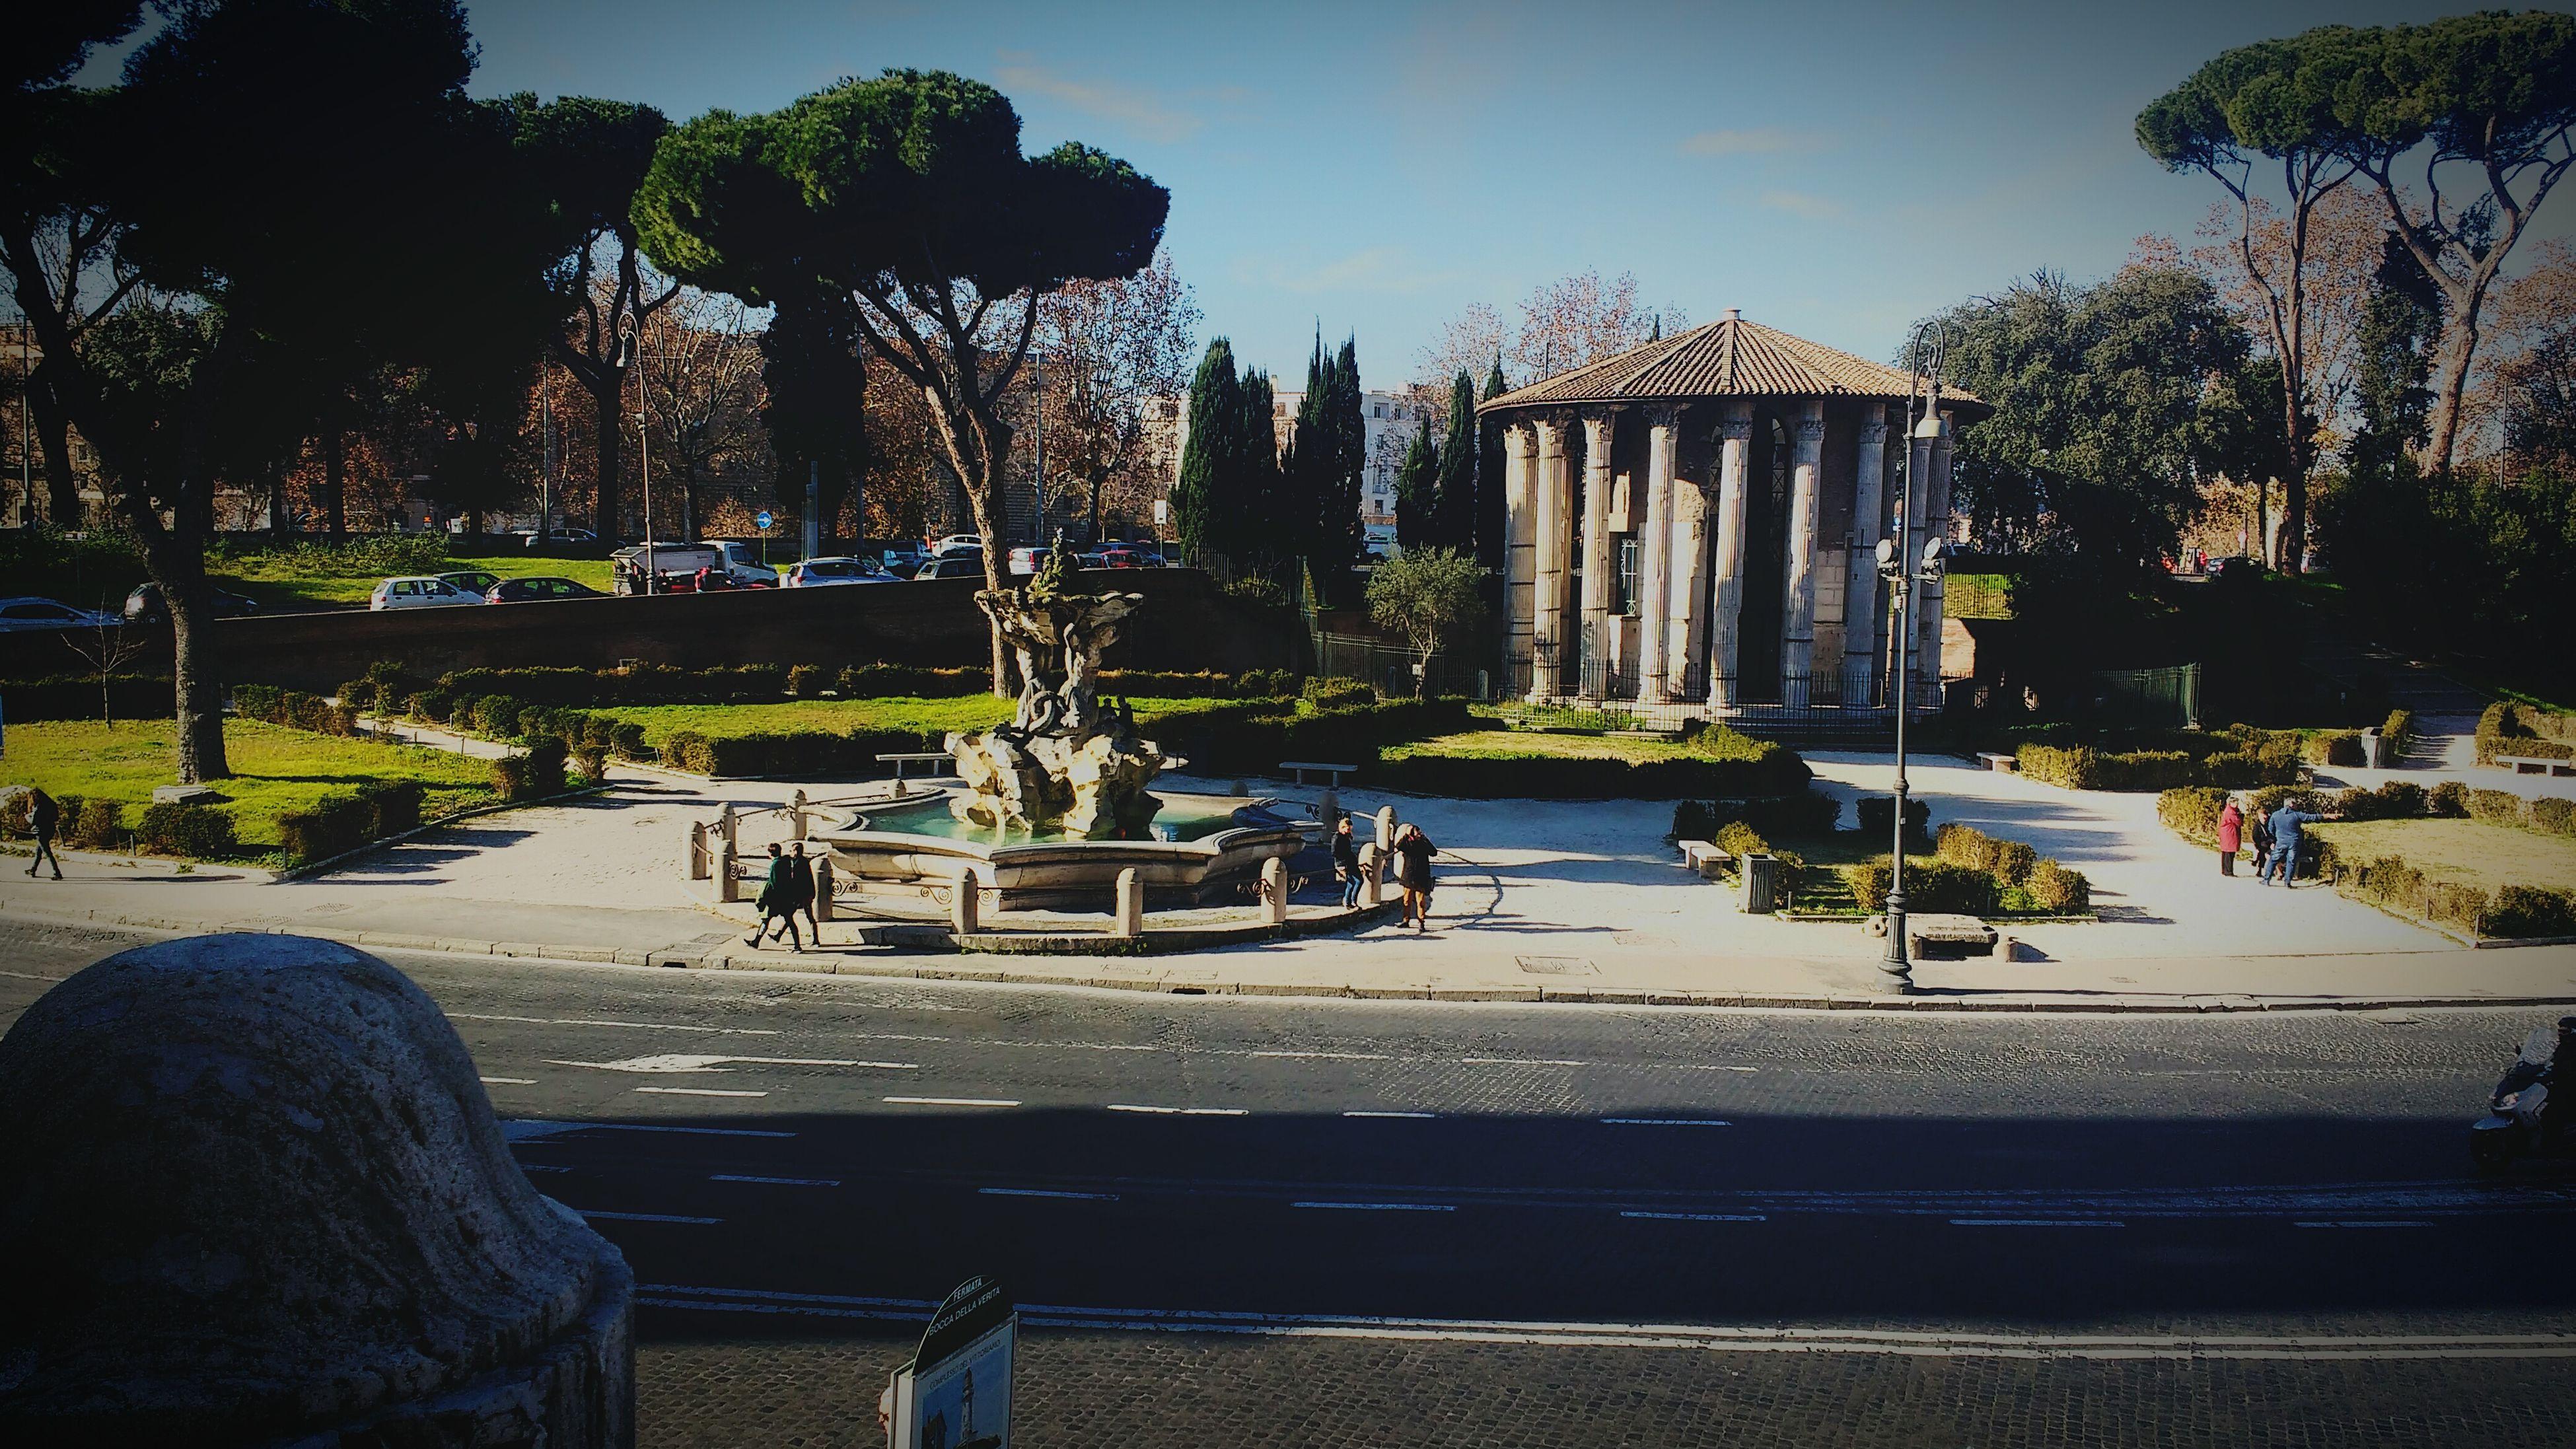 Herculesvictortemple Rome Italy Roma Italia Travel Temple Tempio Piazzadellaboccadellaverità Mouthoftruthsquare Mouthoftruth Fountain Trees